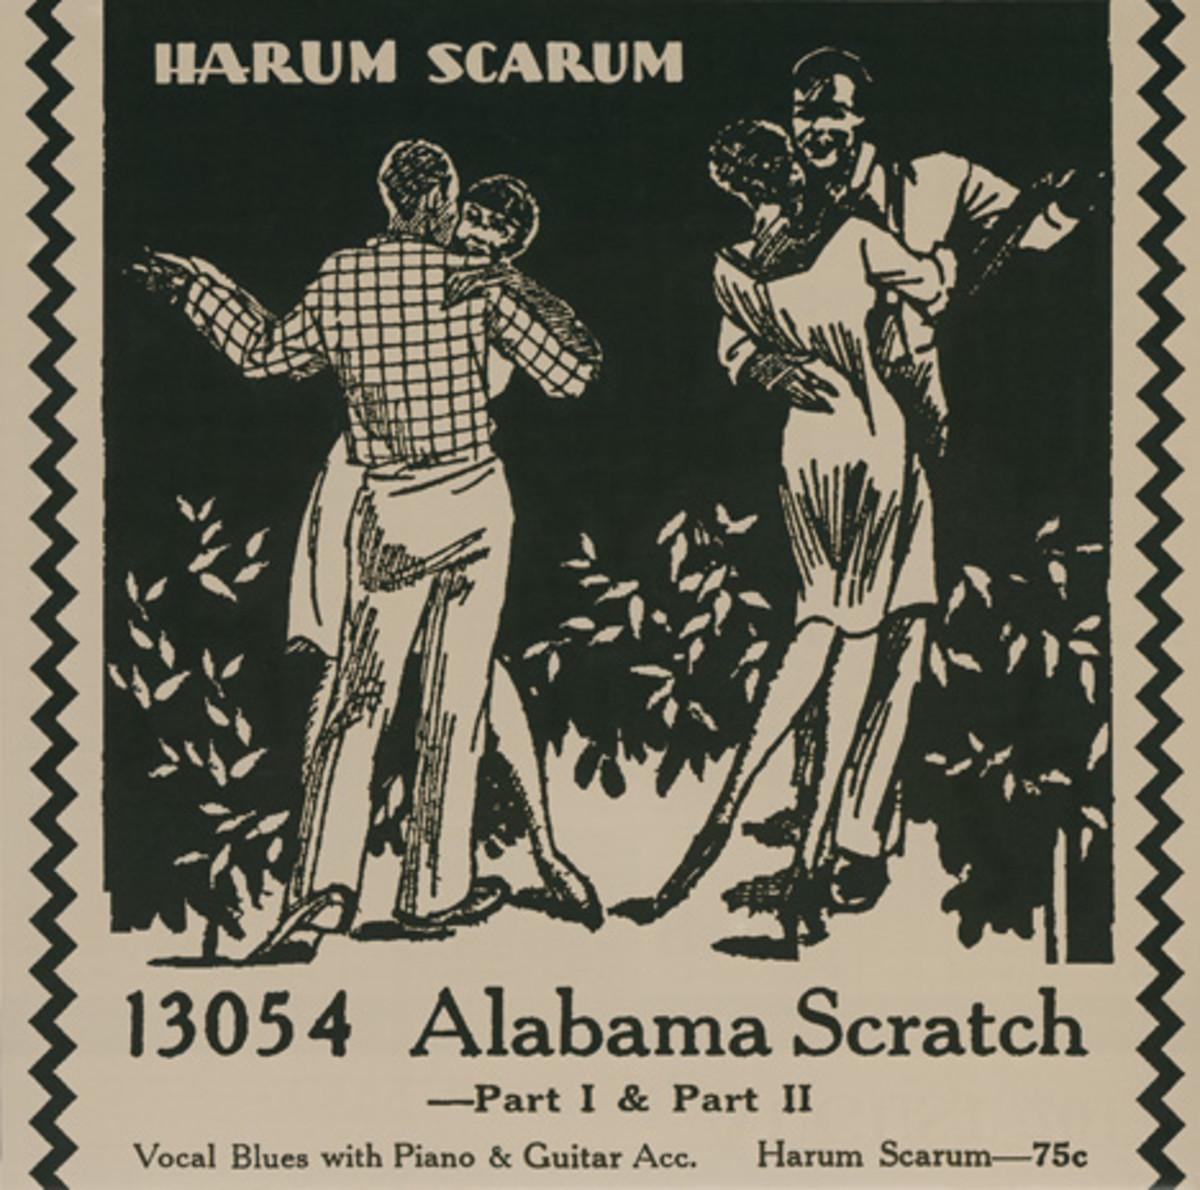 Harum Scarum Alabama Scratch